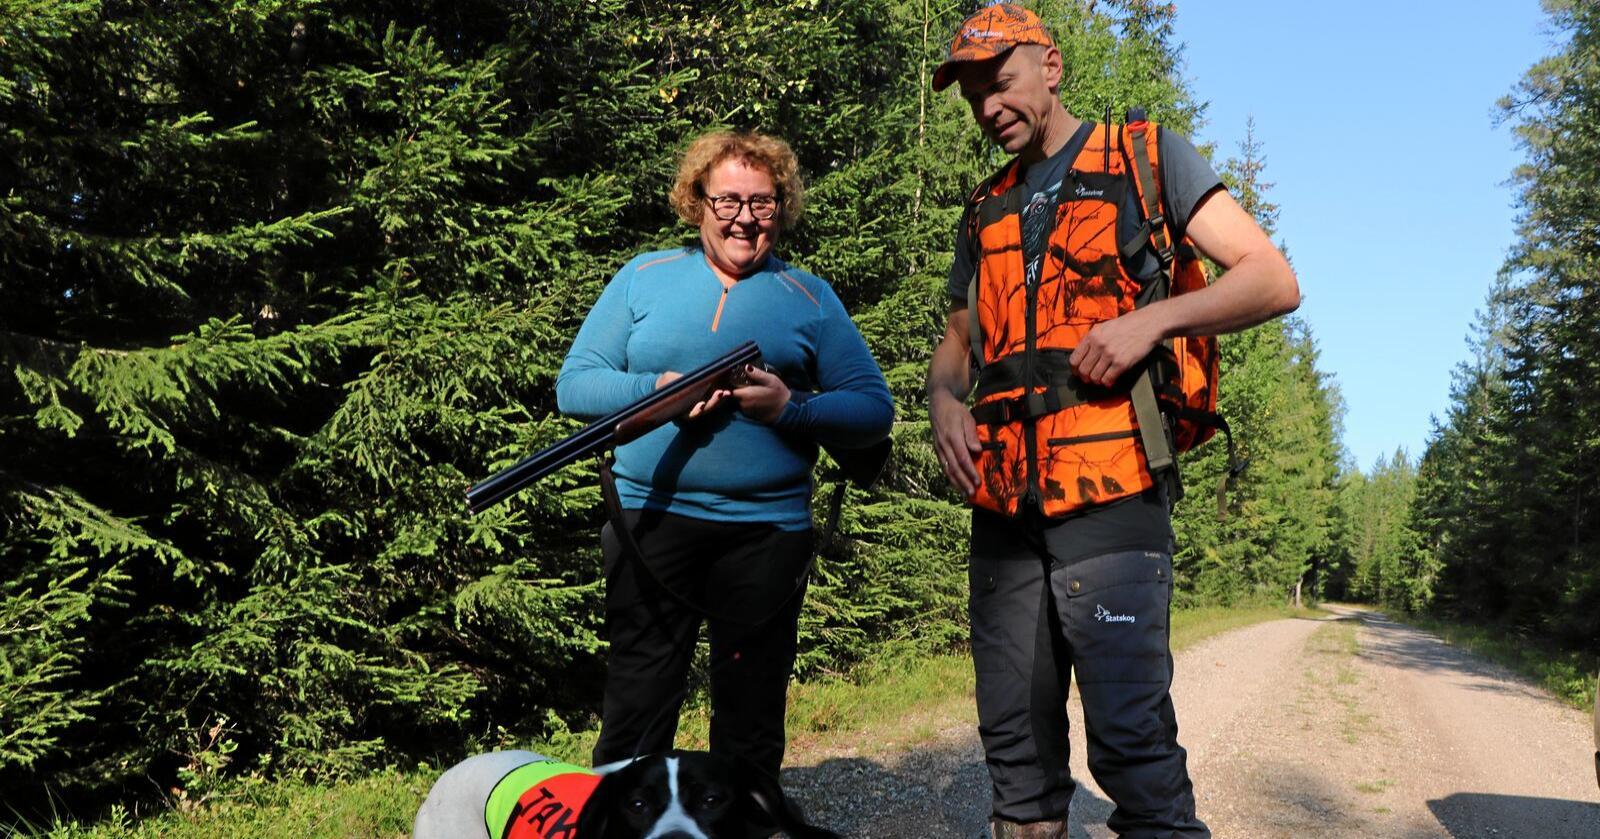 Olaug Bollestad sammen med Jo Inge Breisjøberget, Statskogs fagsjef for jakt og fiske. Foto: Landbruks- og matdepartementet